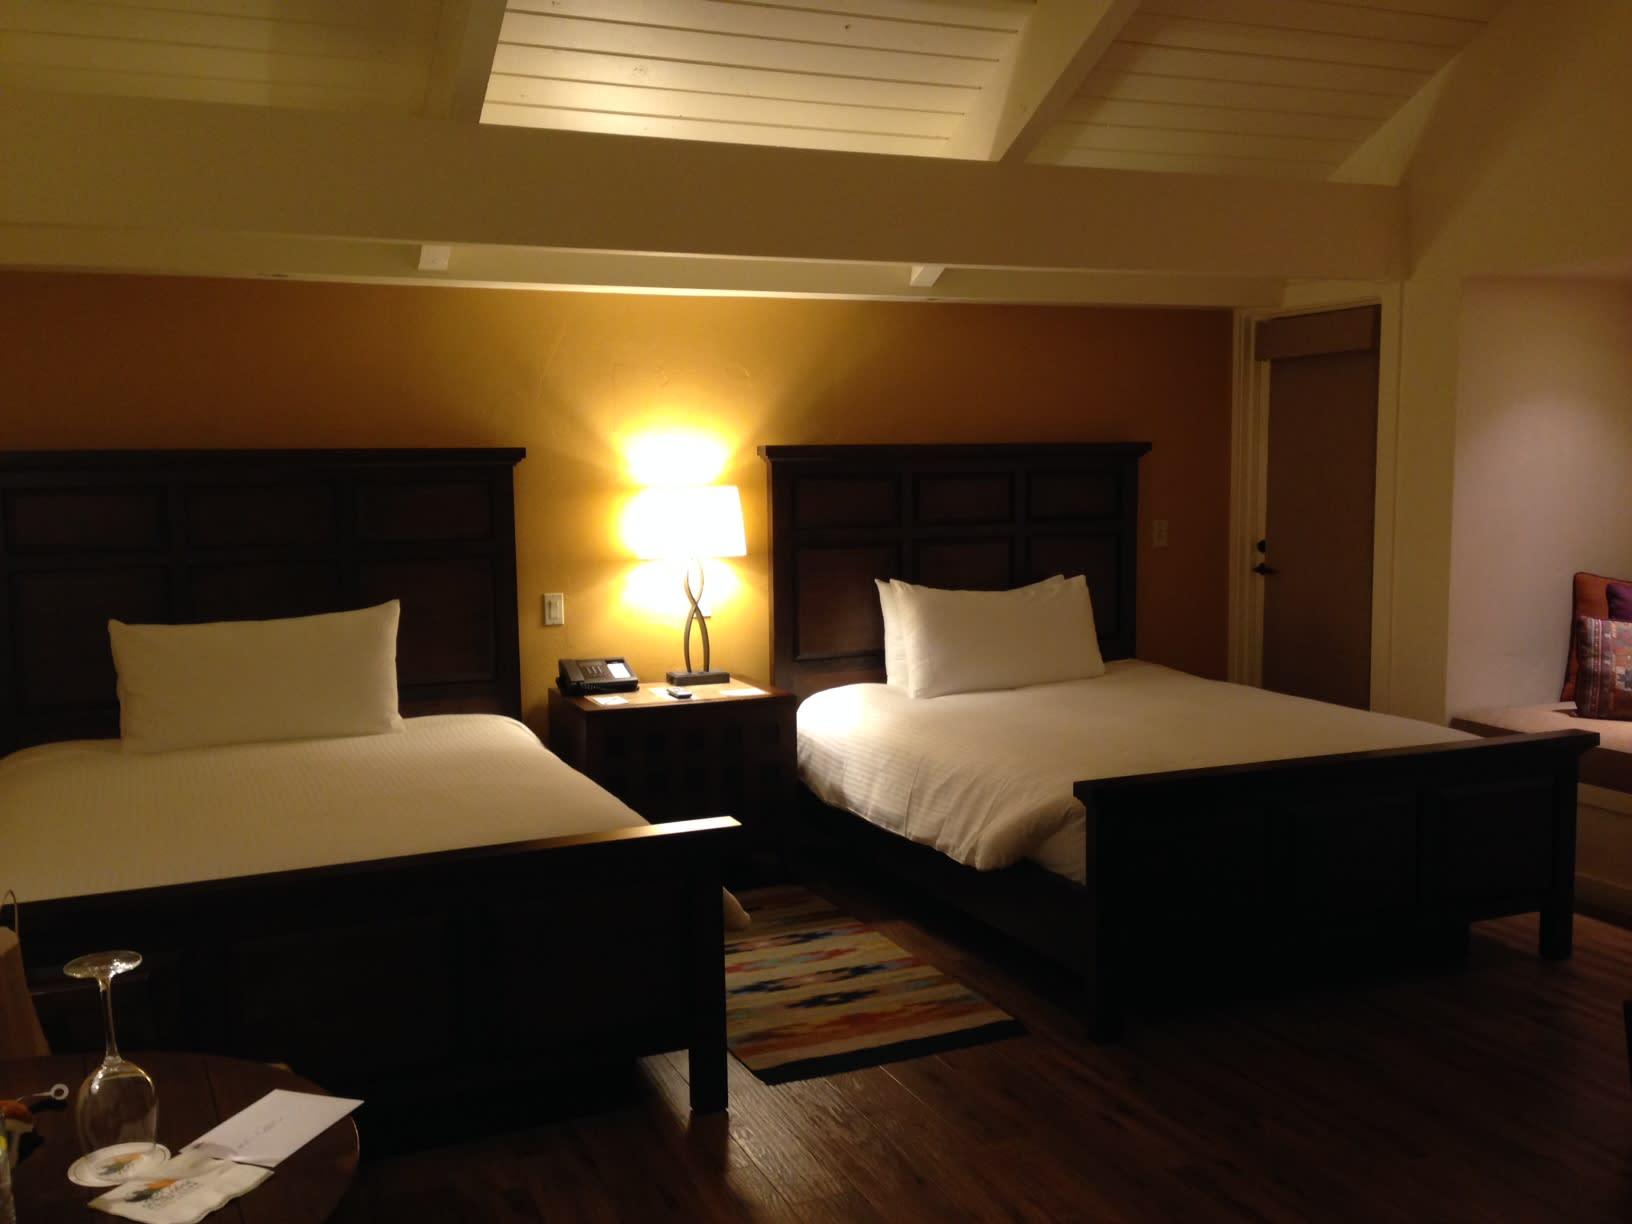 Room at Quail Lodge